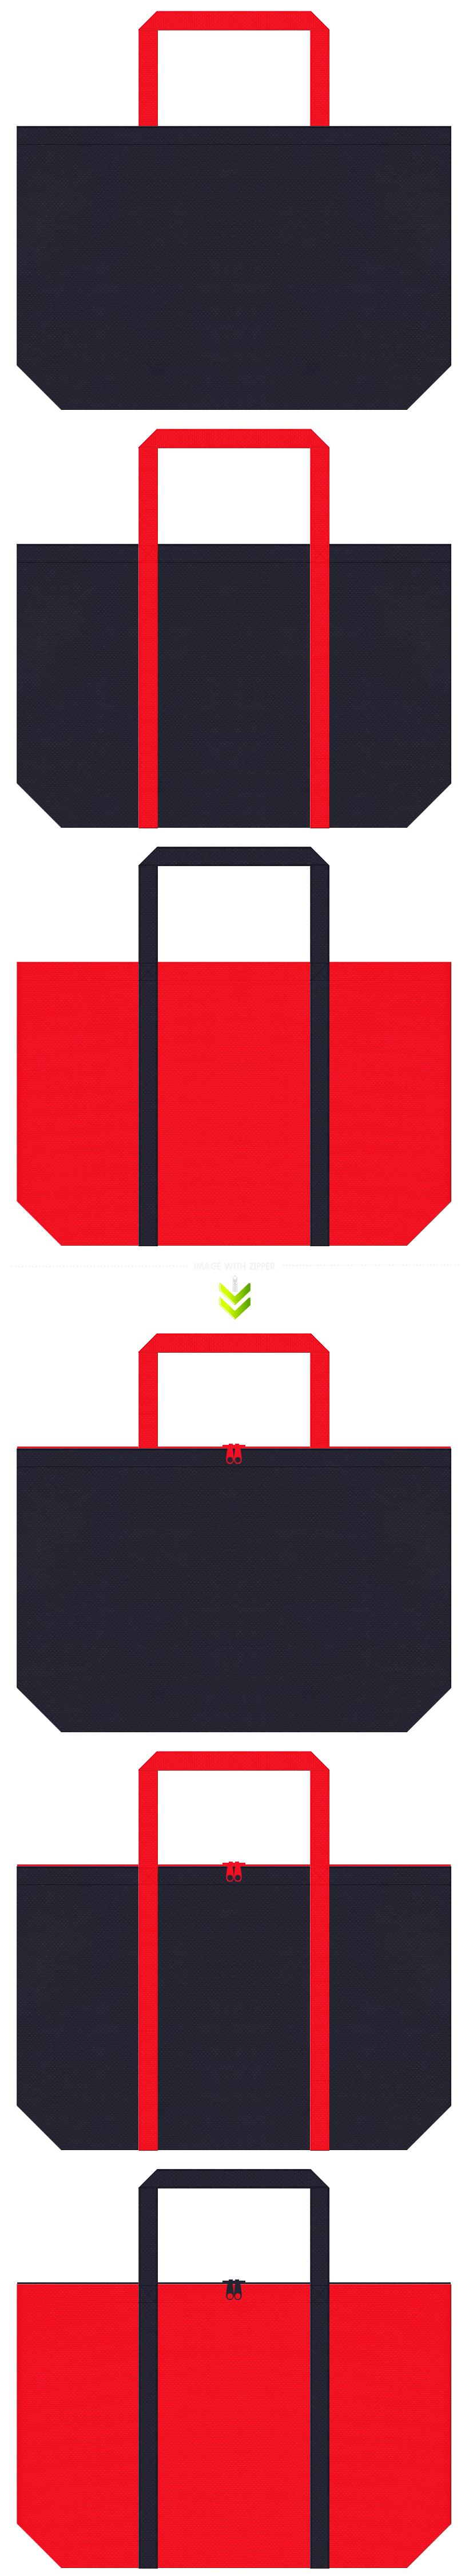 濃紺色と赤色の不織布エコバッグのデザイン。スポーティーファッションのショッピングバッグにお奨めです。